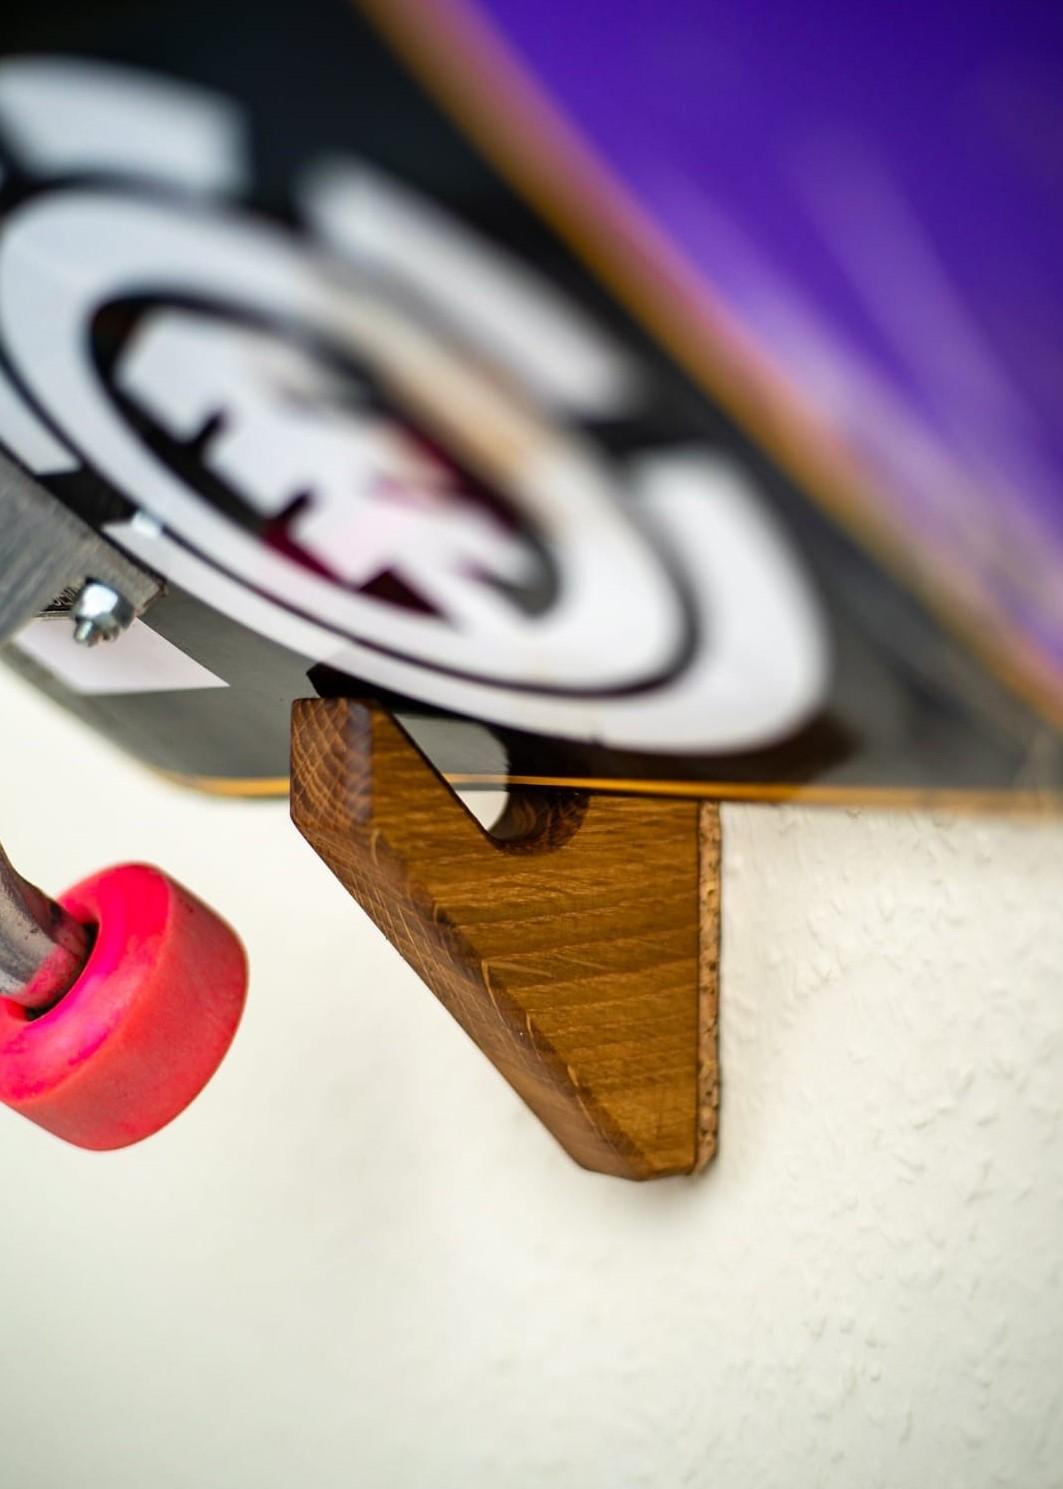 """Longboard & Skateboard Halter OLLIE Du suchst mal wieder dein Board? Damit ist nun Schluss! Wir haben OLLIE gebaut, damit dein Board sicher und stolz an der Wand hängt. Wir fertigen OLLIE wahlweise aus Vollholz (aus einem Eichenstück gefräst) oder Beton an. Warum heißt unser OLLIE, OLLIE? Der Ollie ist wahrscheinlich der """"ERSTE"""" Flatttrick eines jeden Skaters und bietet die Grundlage für viele weitere Tricks beim Skateboarden. Unsere Skatboard Halter OLLIE ist der """"ERSTE"""" aus BETON und bildet eine sichere Wandhalterung für dein Long- oder Skateboard. GO Skateboarding Produktdetails: - wahlweise aus Holz (aus einem Eichenstücke gefräst) oder Beton erhältlich - inkl. Befestigungsmittel* - Auflage aus Kork zum Schutz Deiner Wand"""